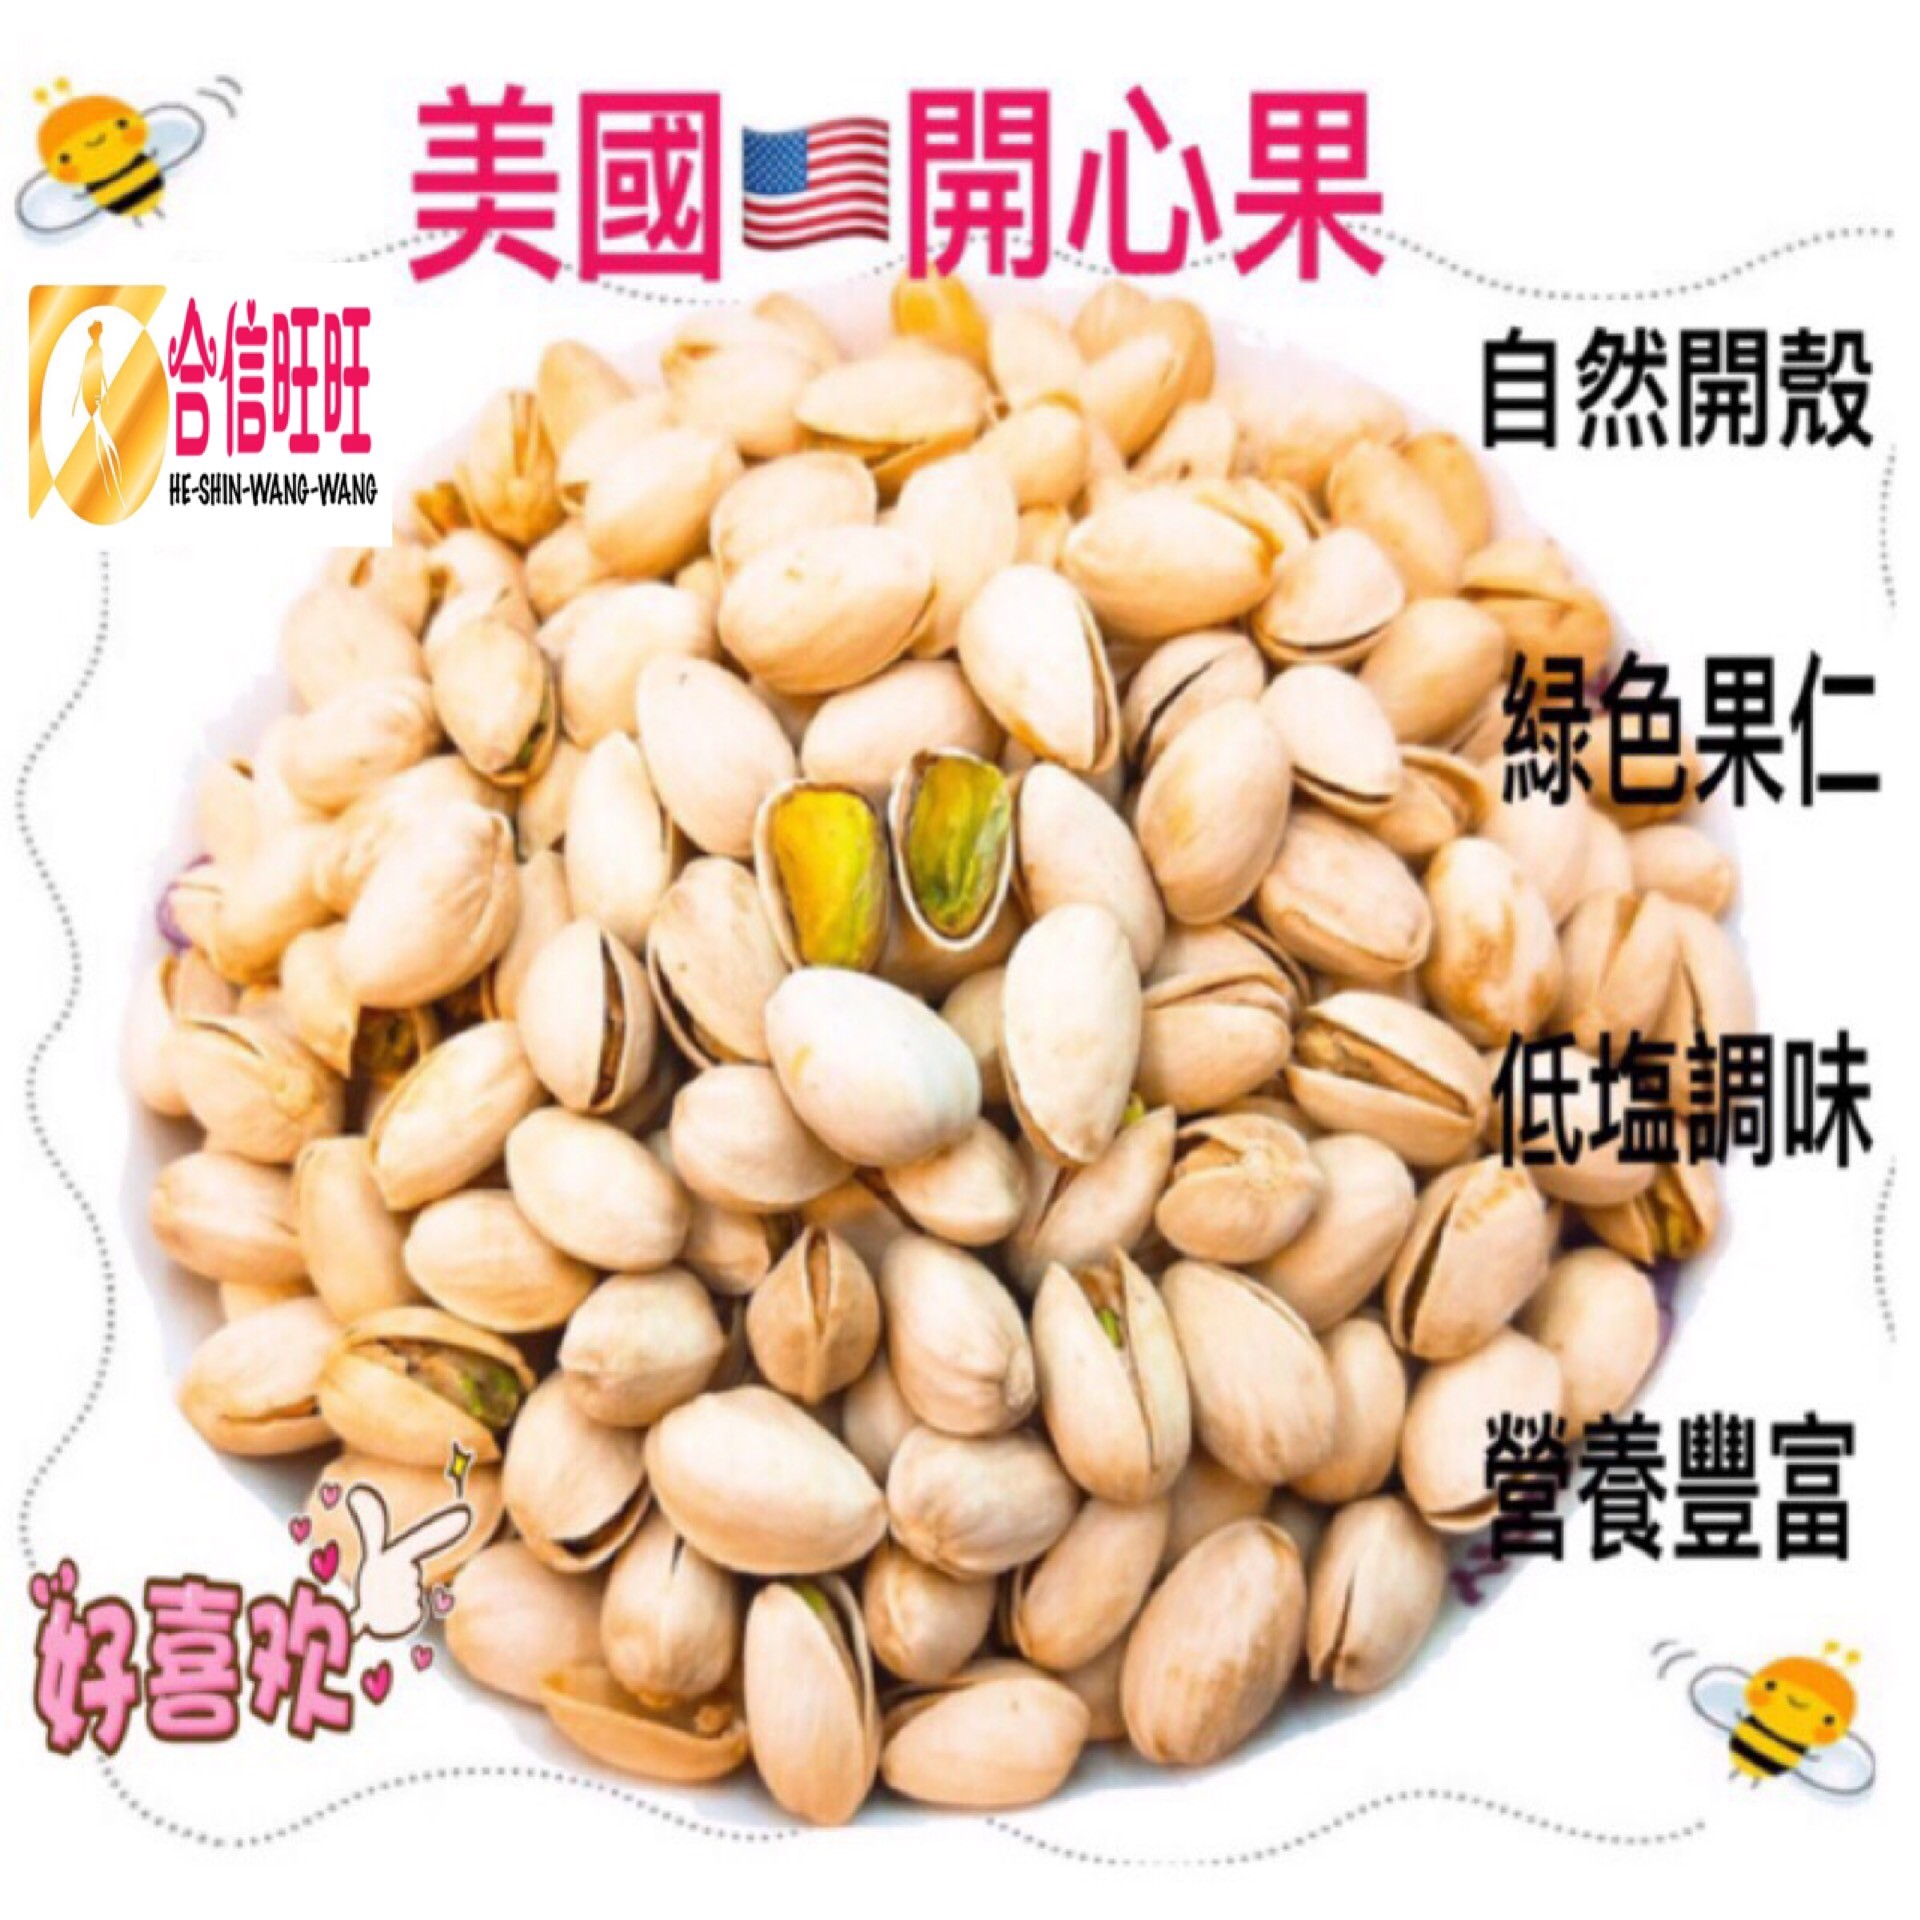 【美國開心果】600g/自然開殼 綠色果仁